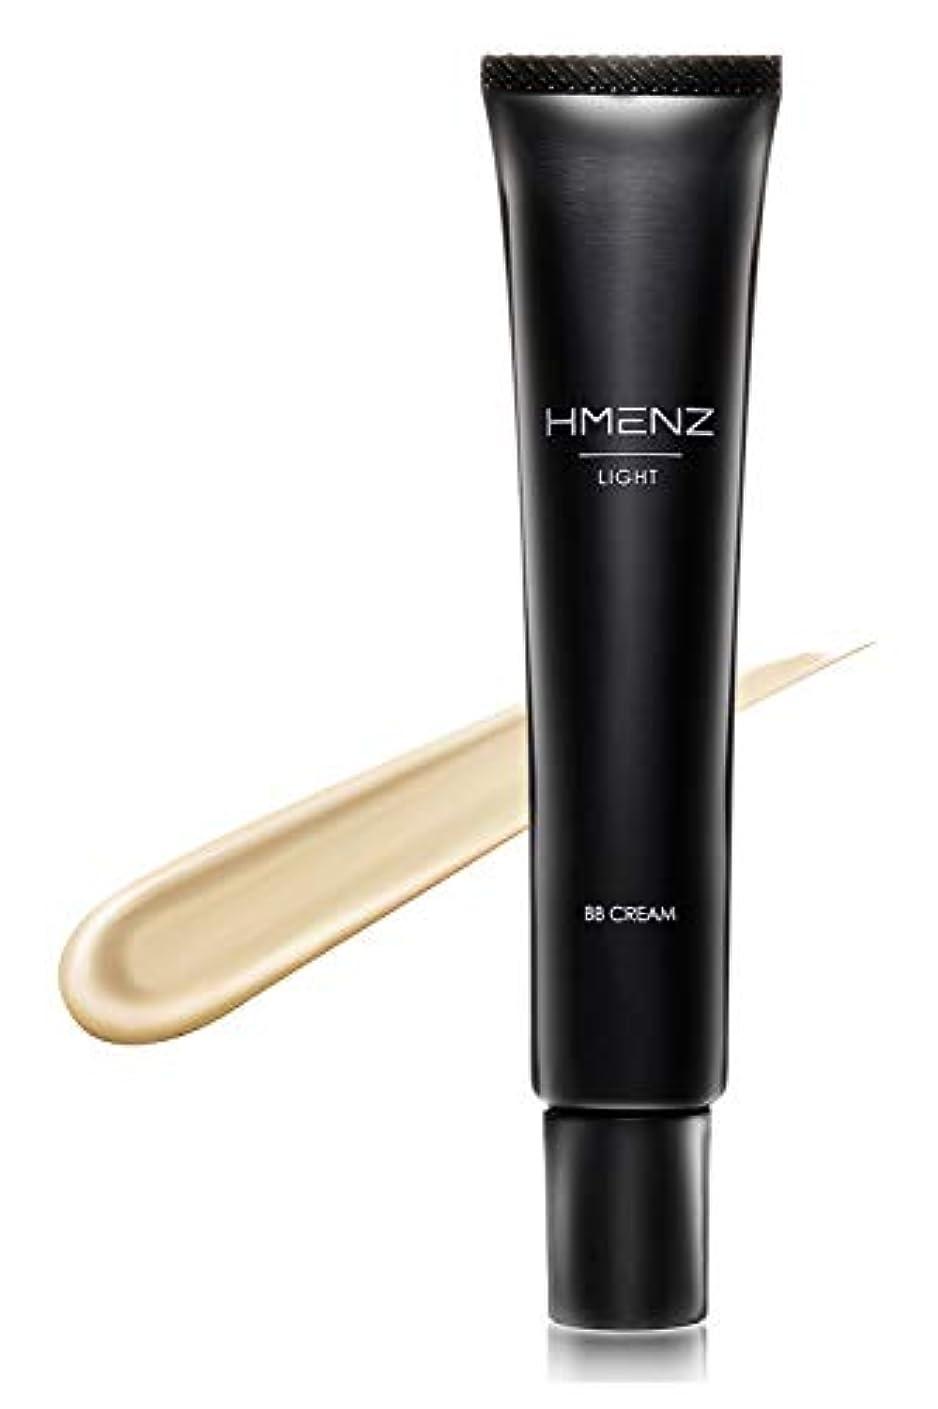 エキゾチック孤独な概して【 コンシーラー メンズ ライトベージュ 】HMENZ メンズ BBクリーム 色白 明るい肌 『 テカリ防止 皮脂吸着パウダー 配合 』 (日焼け止め SPF50+ PA++++ シミ くま ニキビ隠し ファンデーション)25g